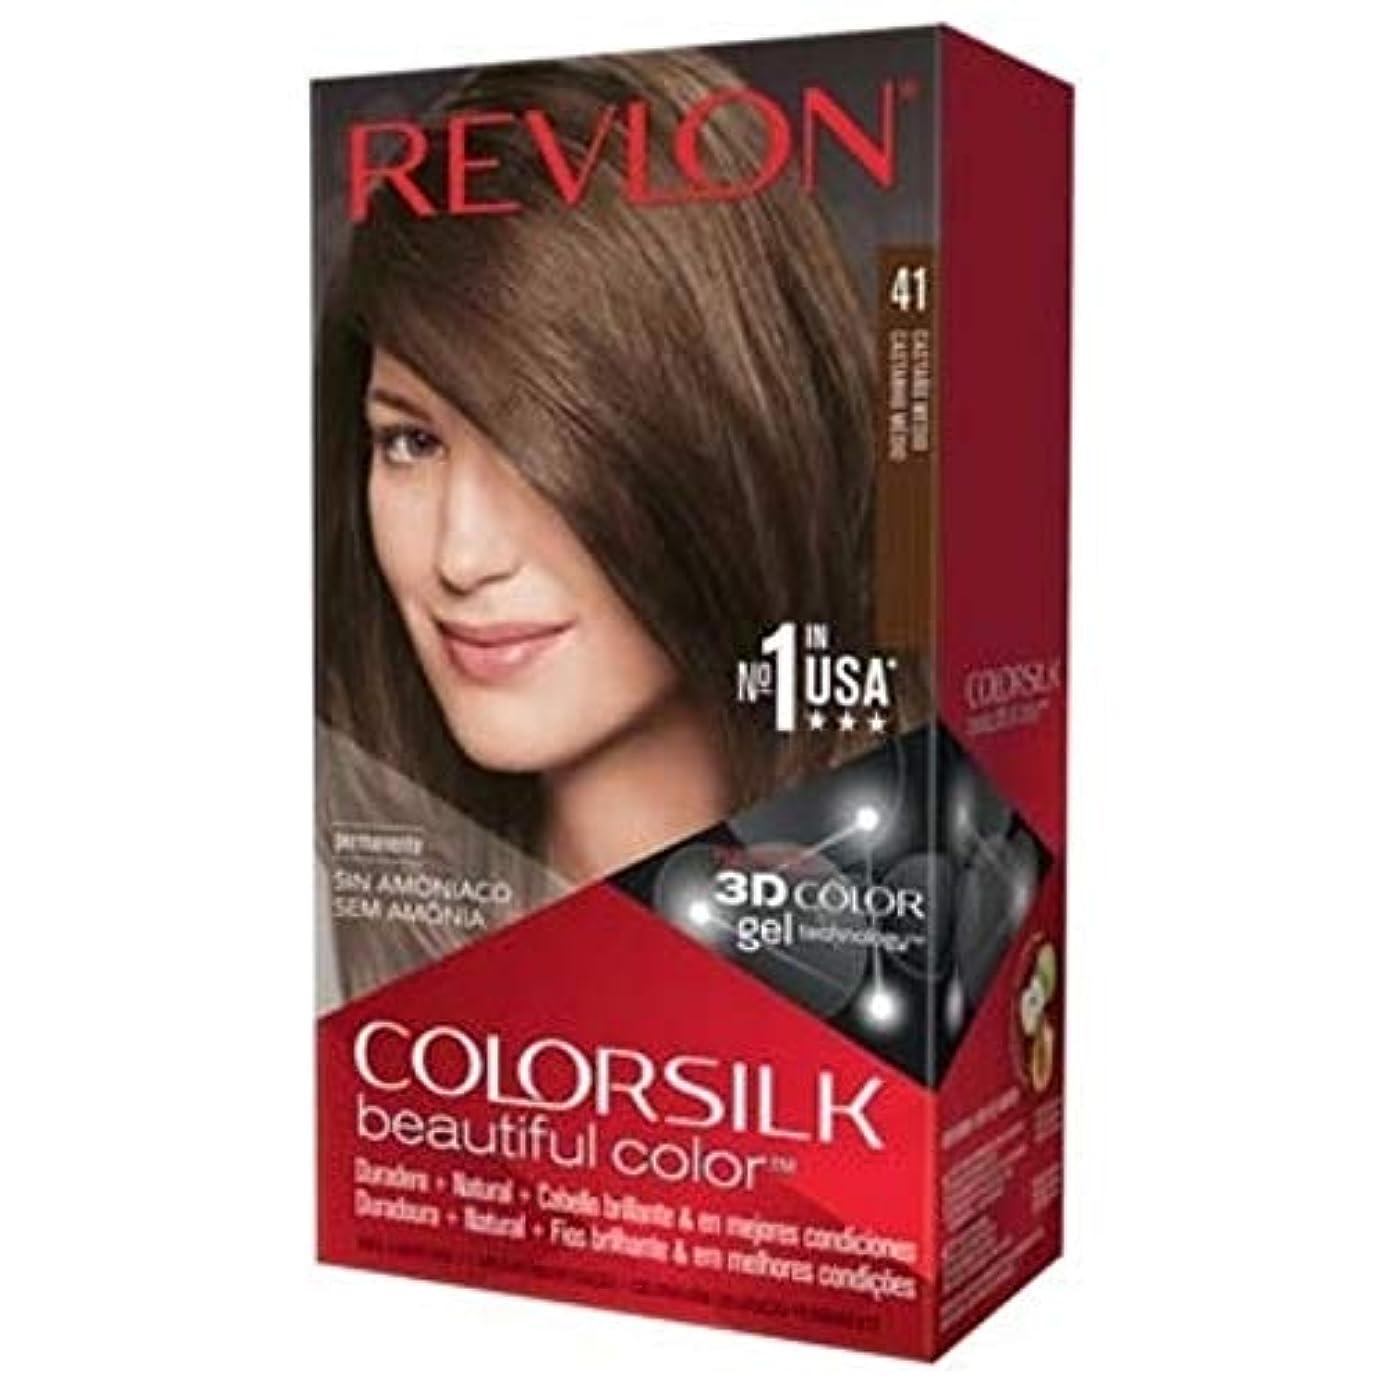 エキスパート繊維ねじれRevlon 4NミディアムヘアカラーColorsilk、ブラウン